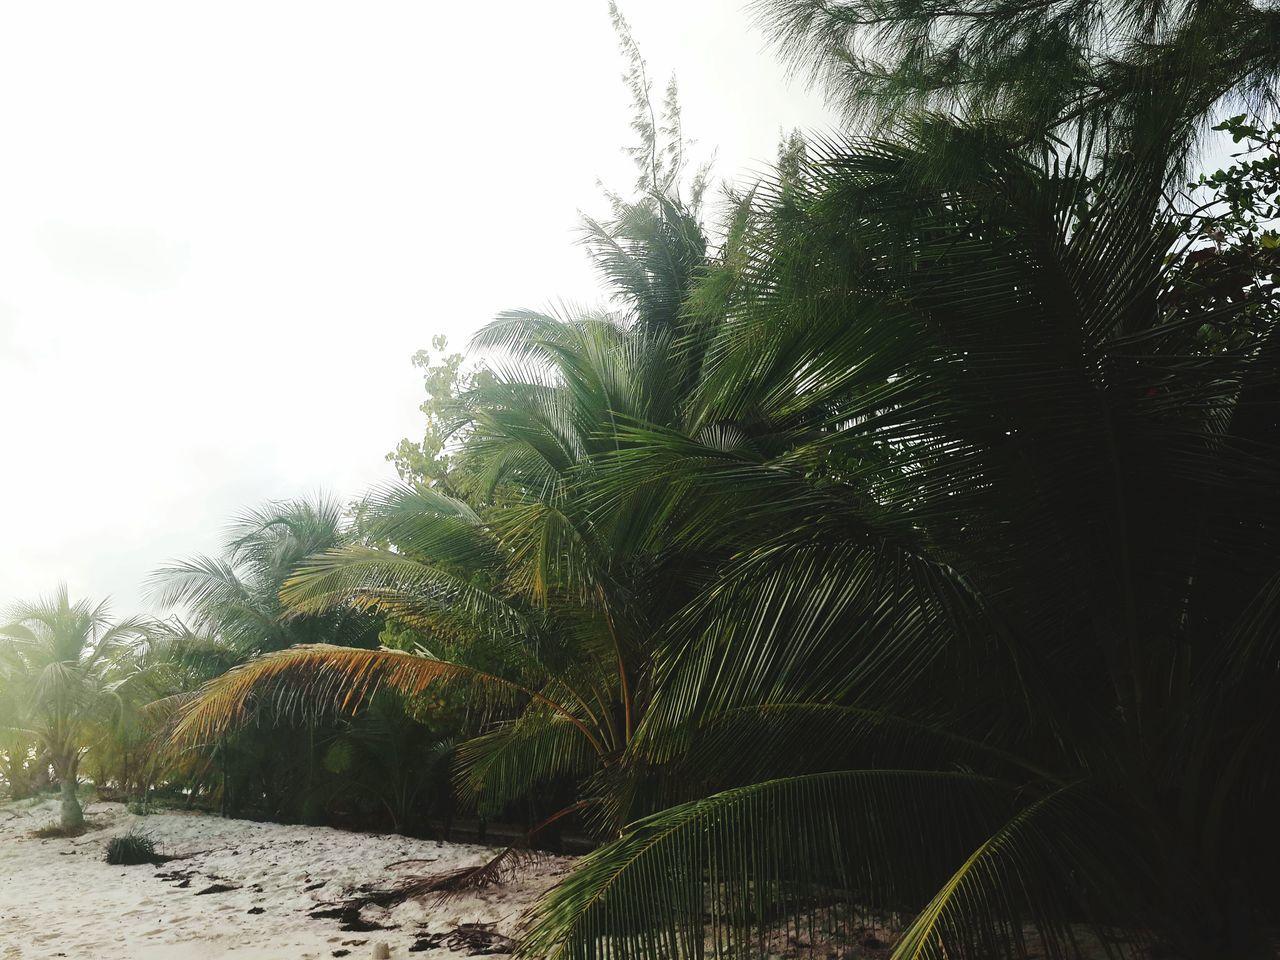 Islandlife